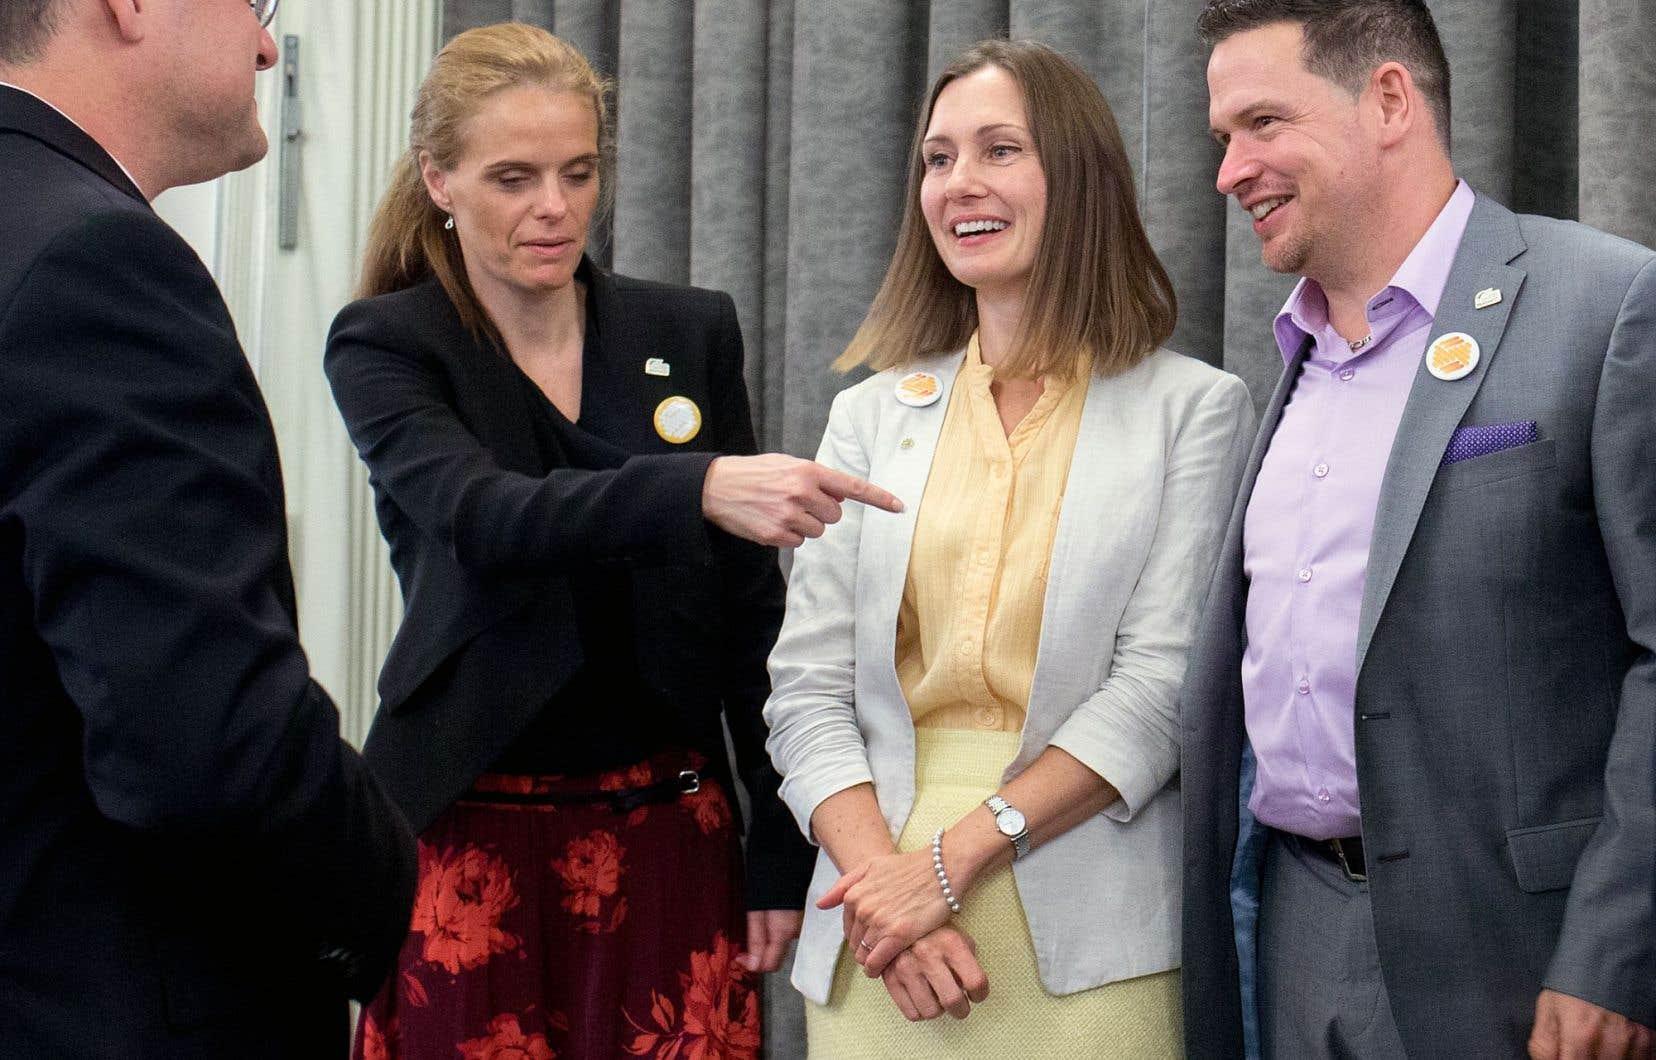 Le parti dirigé par Justine McIntyre (deuxième à droite) ne présentera des candidats que dans quatre arrondissements: Lachine, LÎle-Bizard-Sainte-Geneviève, Pierrefonds-Roxboro et Ville-Marie.